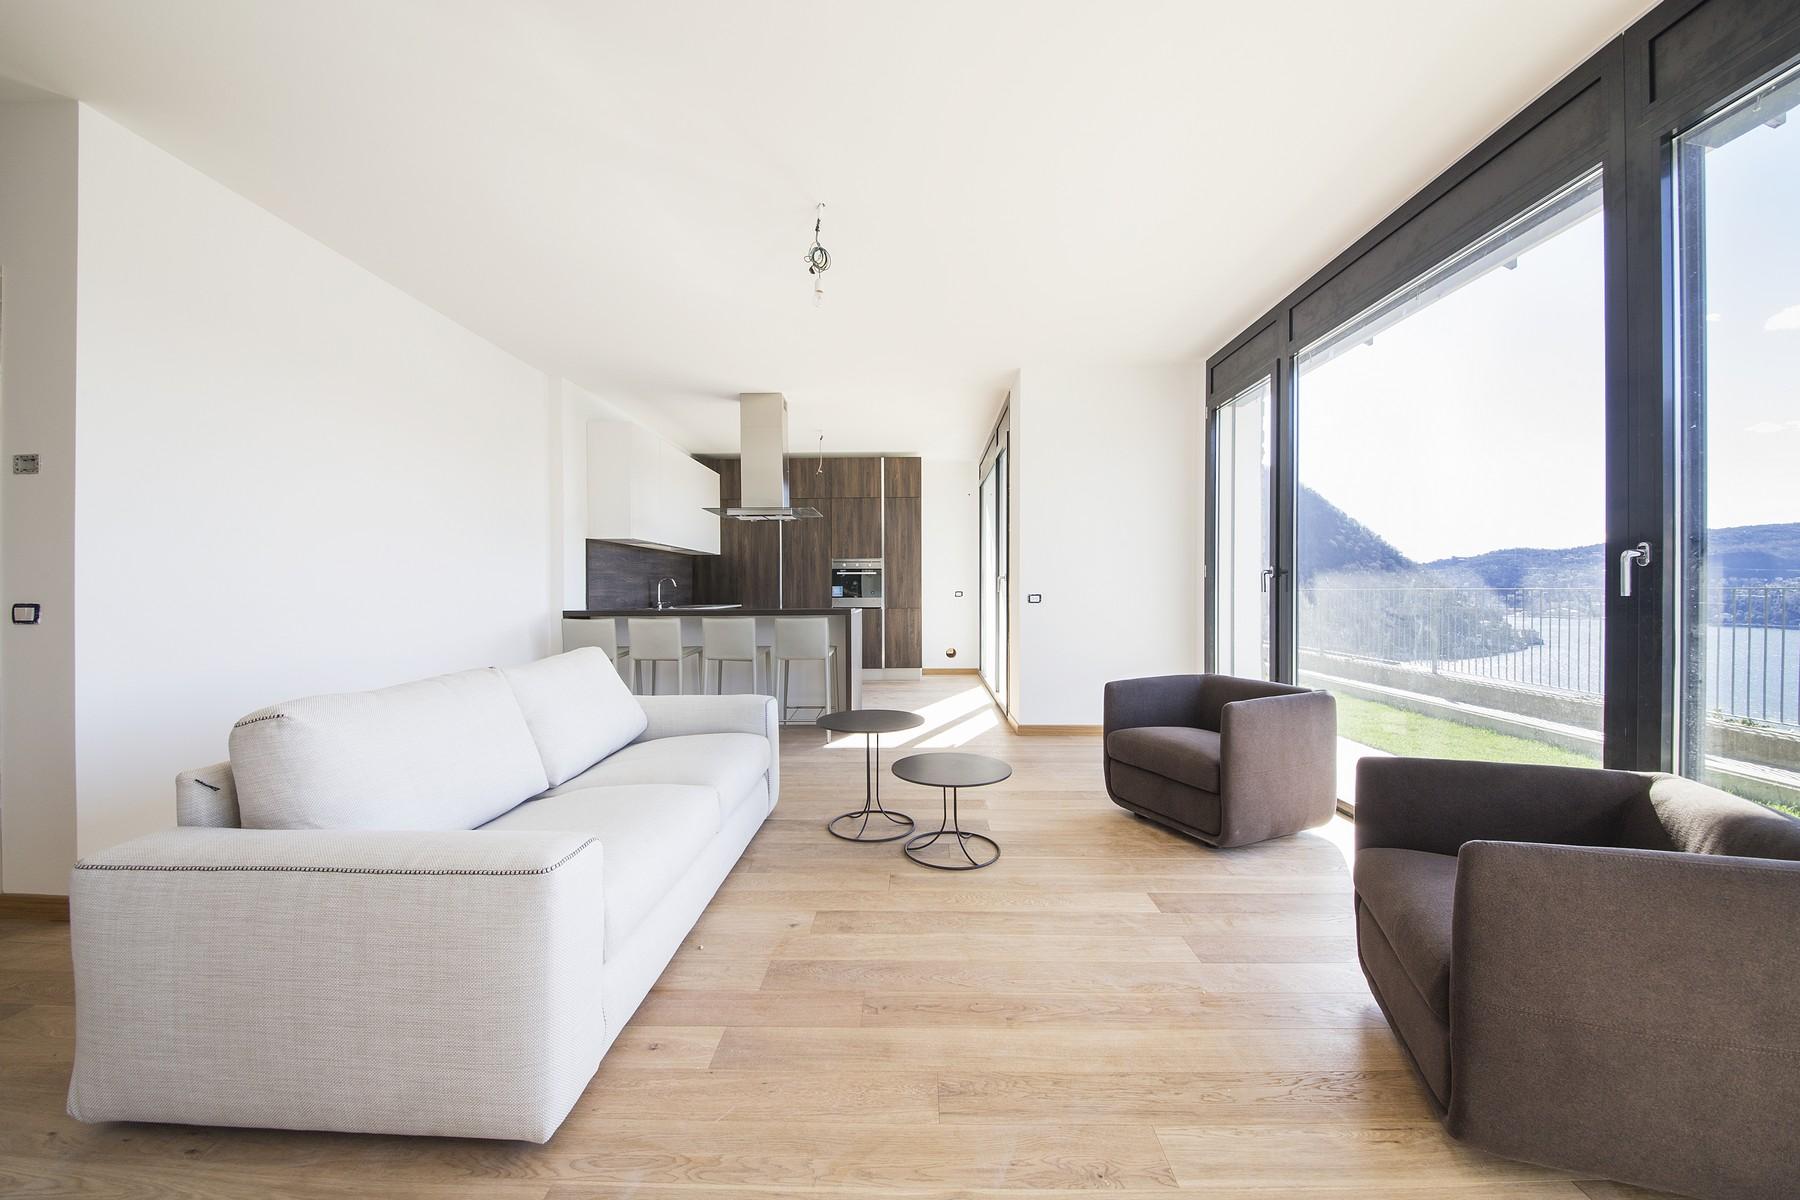 Appartamento in Vendita a Blevio: 4 locali, 190 mq - Foto 2